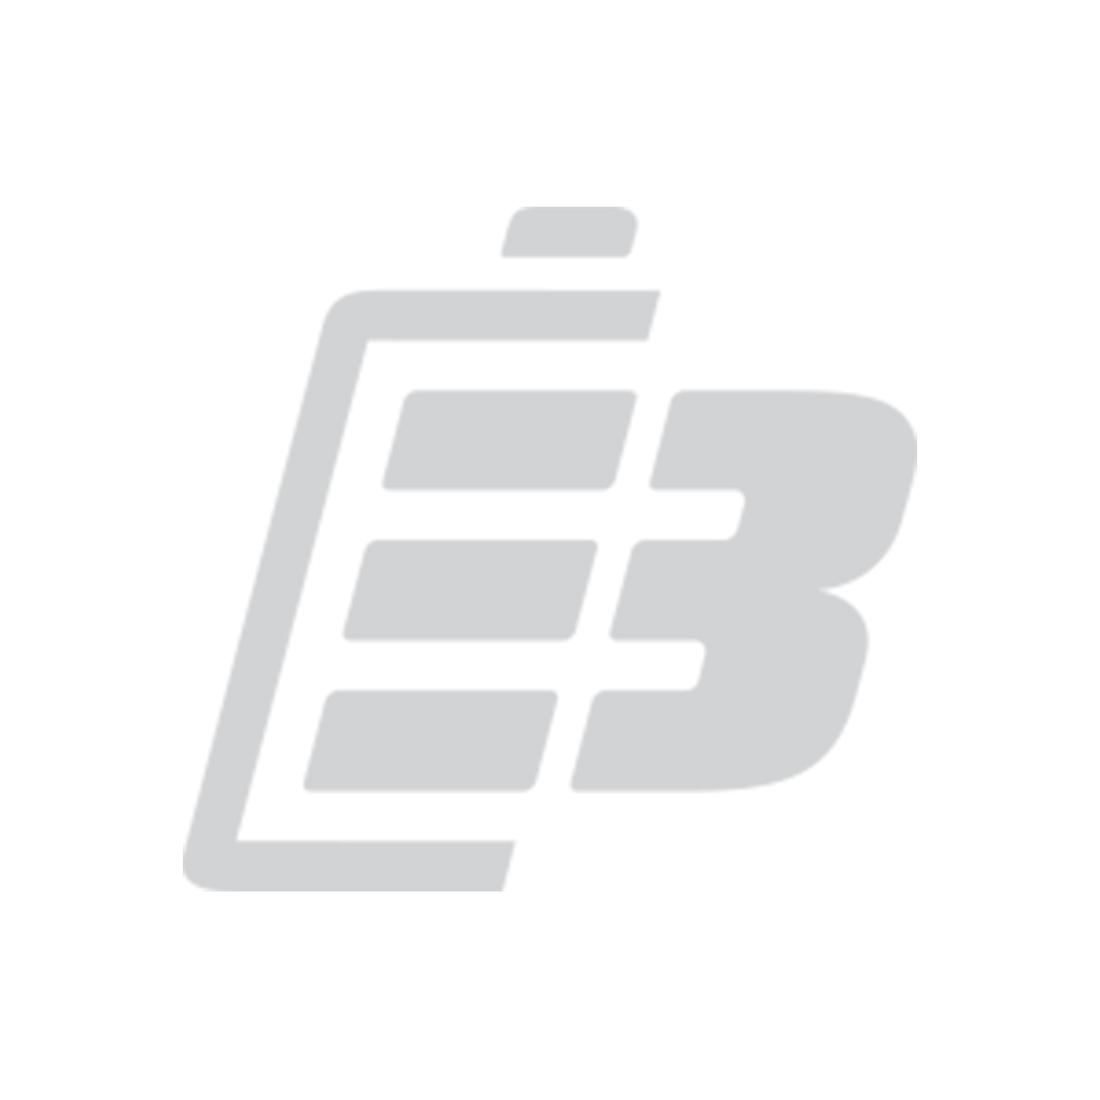 Μπαταρία GPS Spectra MobileMapper 20_1